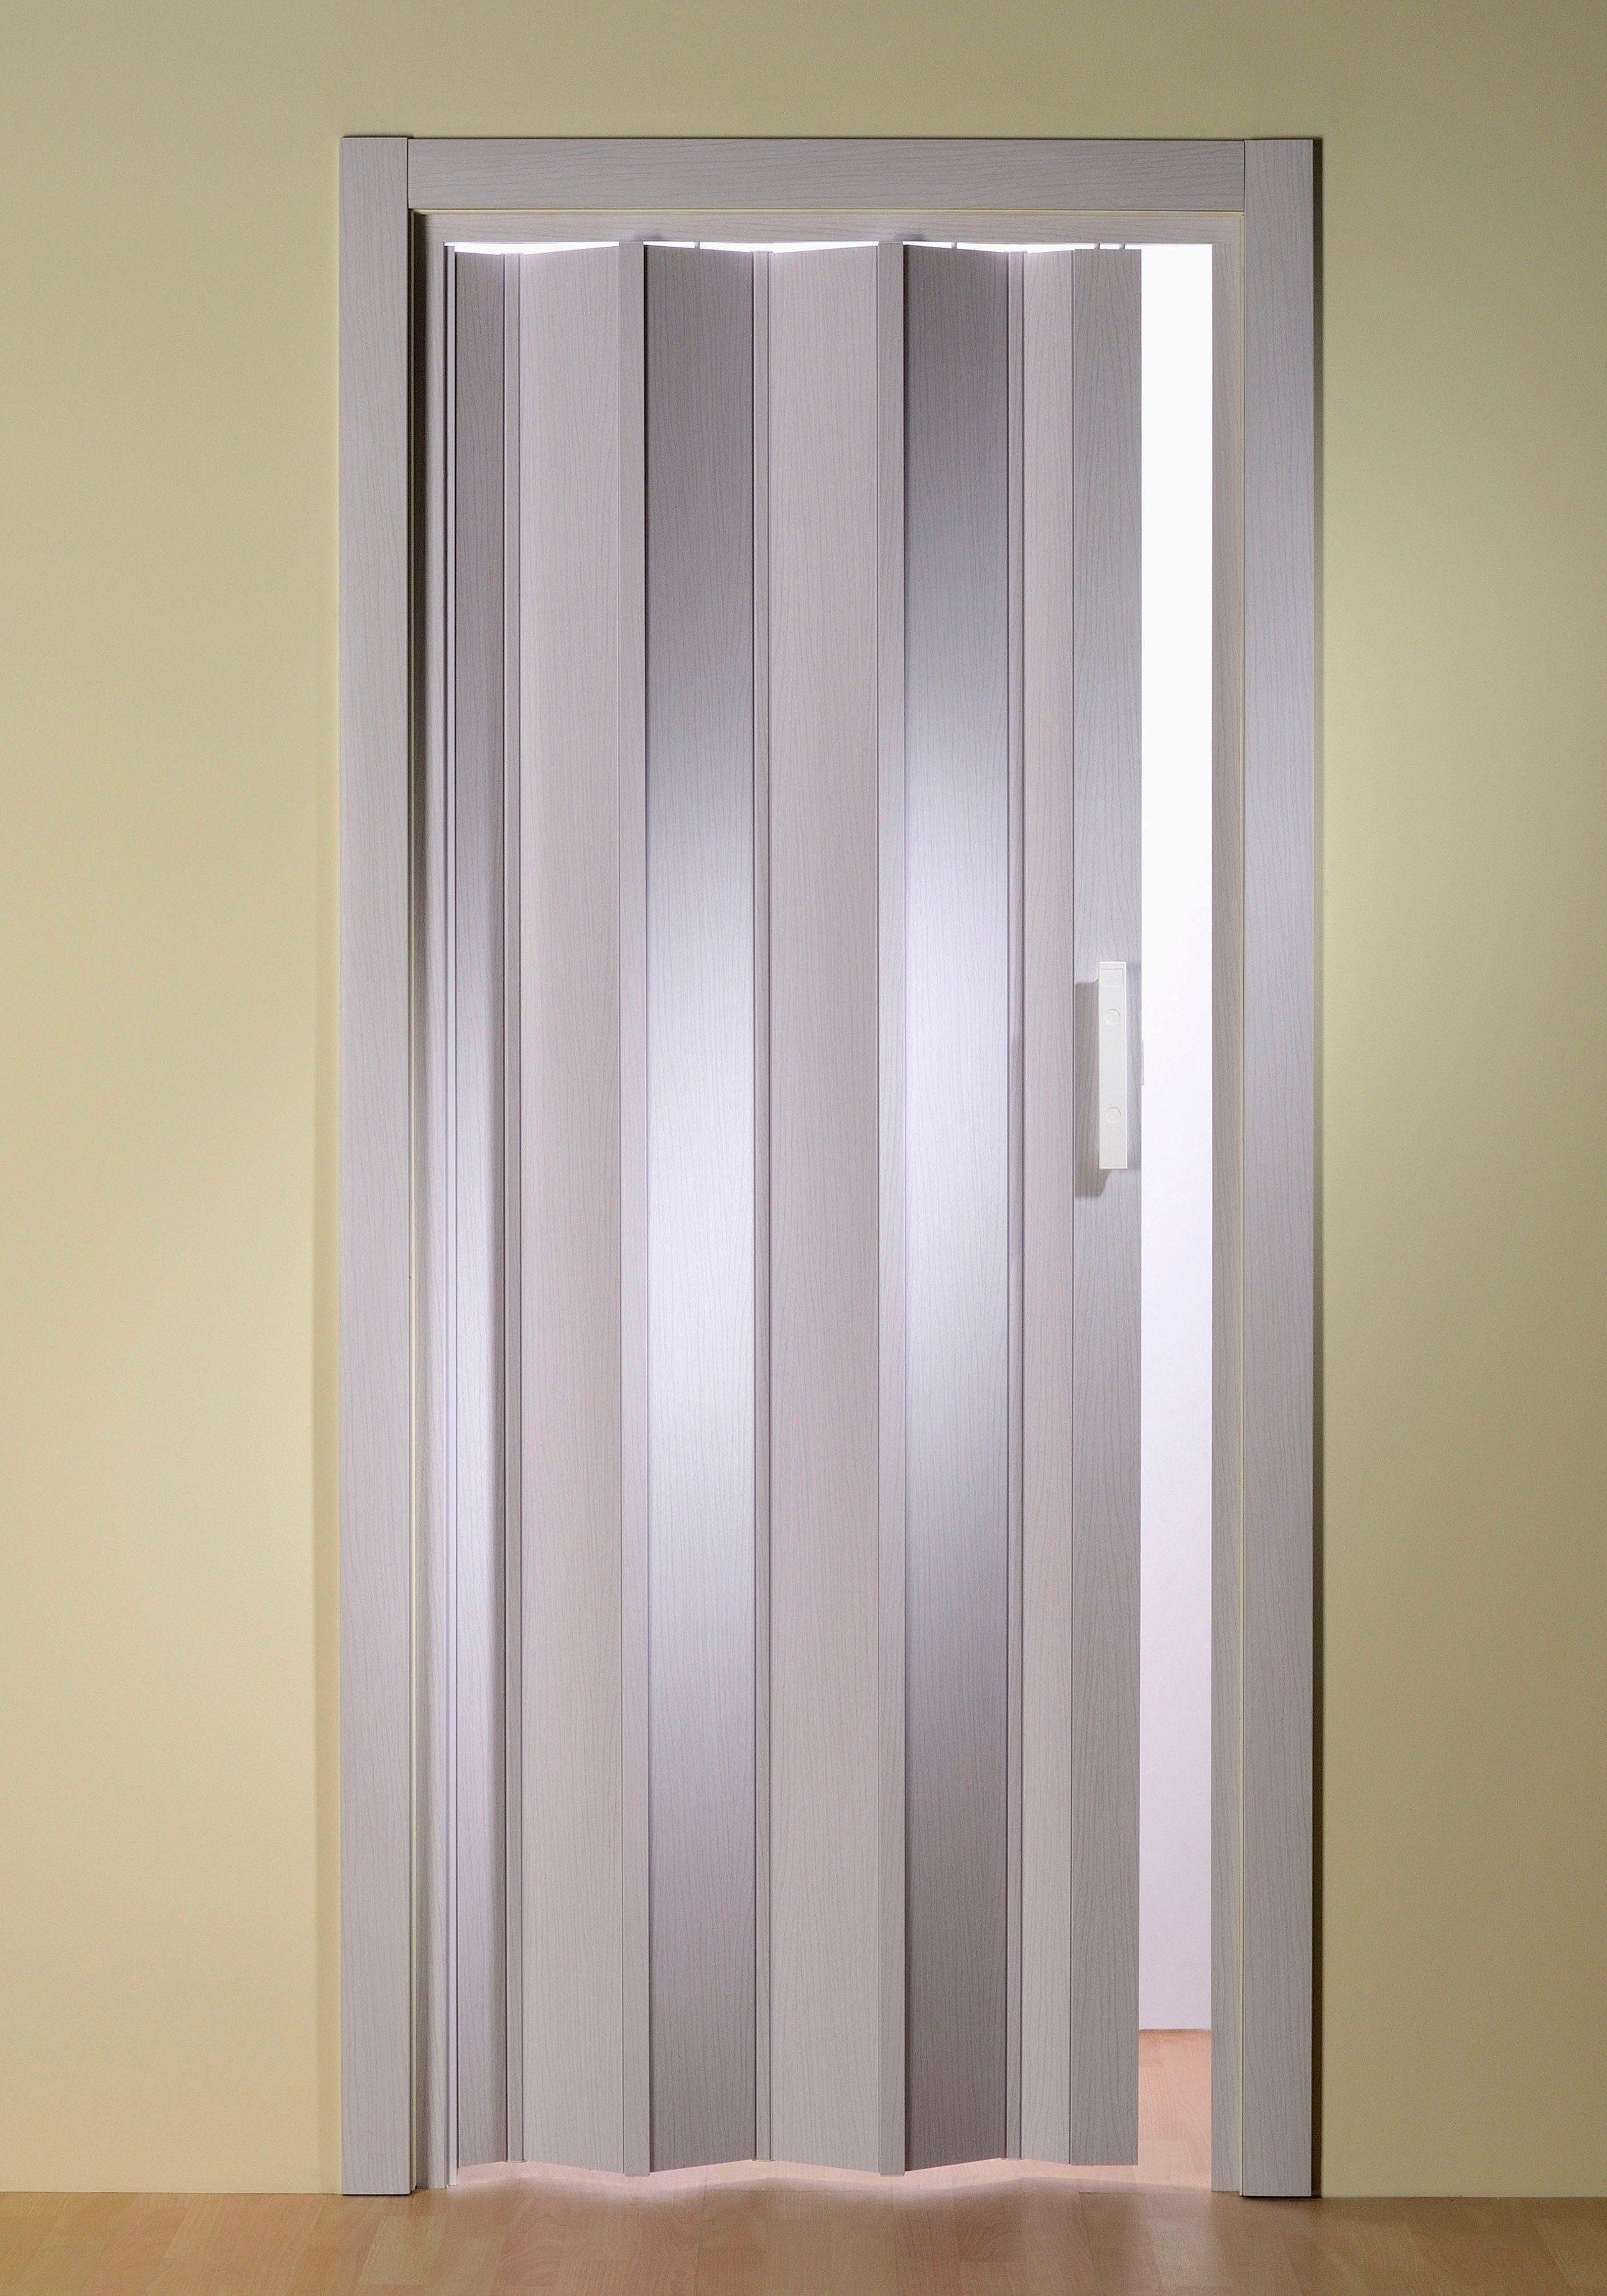 Türerweiterung für Falttür »Luciana« Höhe nach Maß, eschefarben-weiß (ohne Fenster)